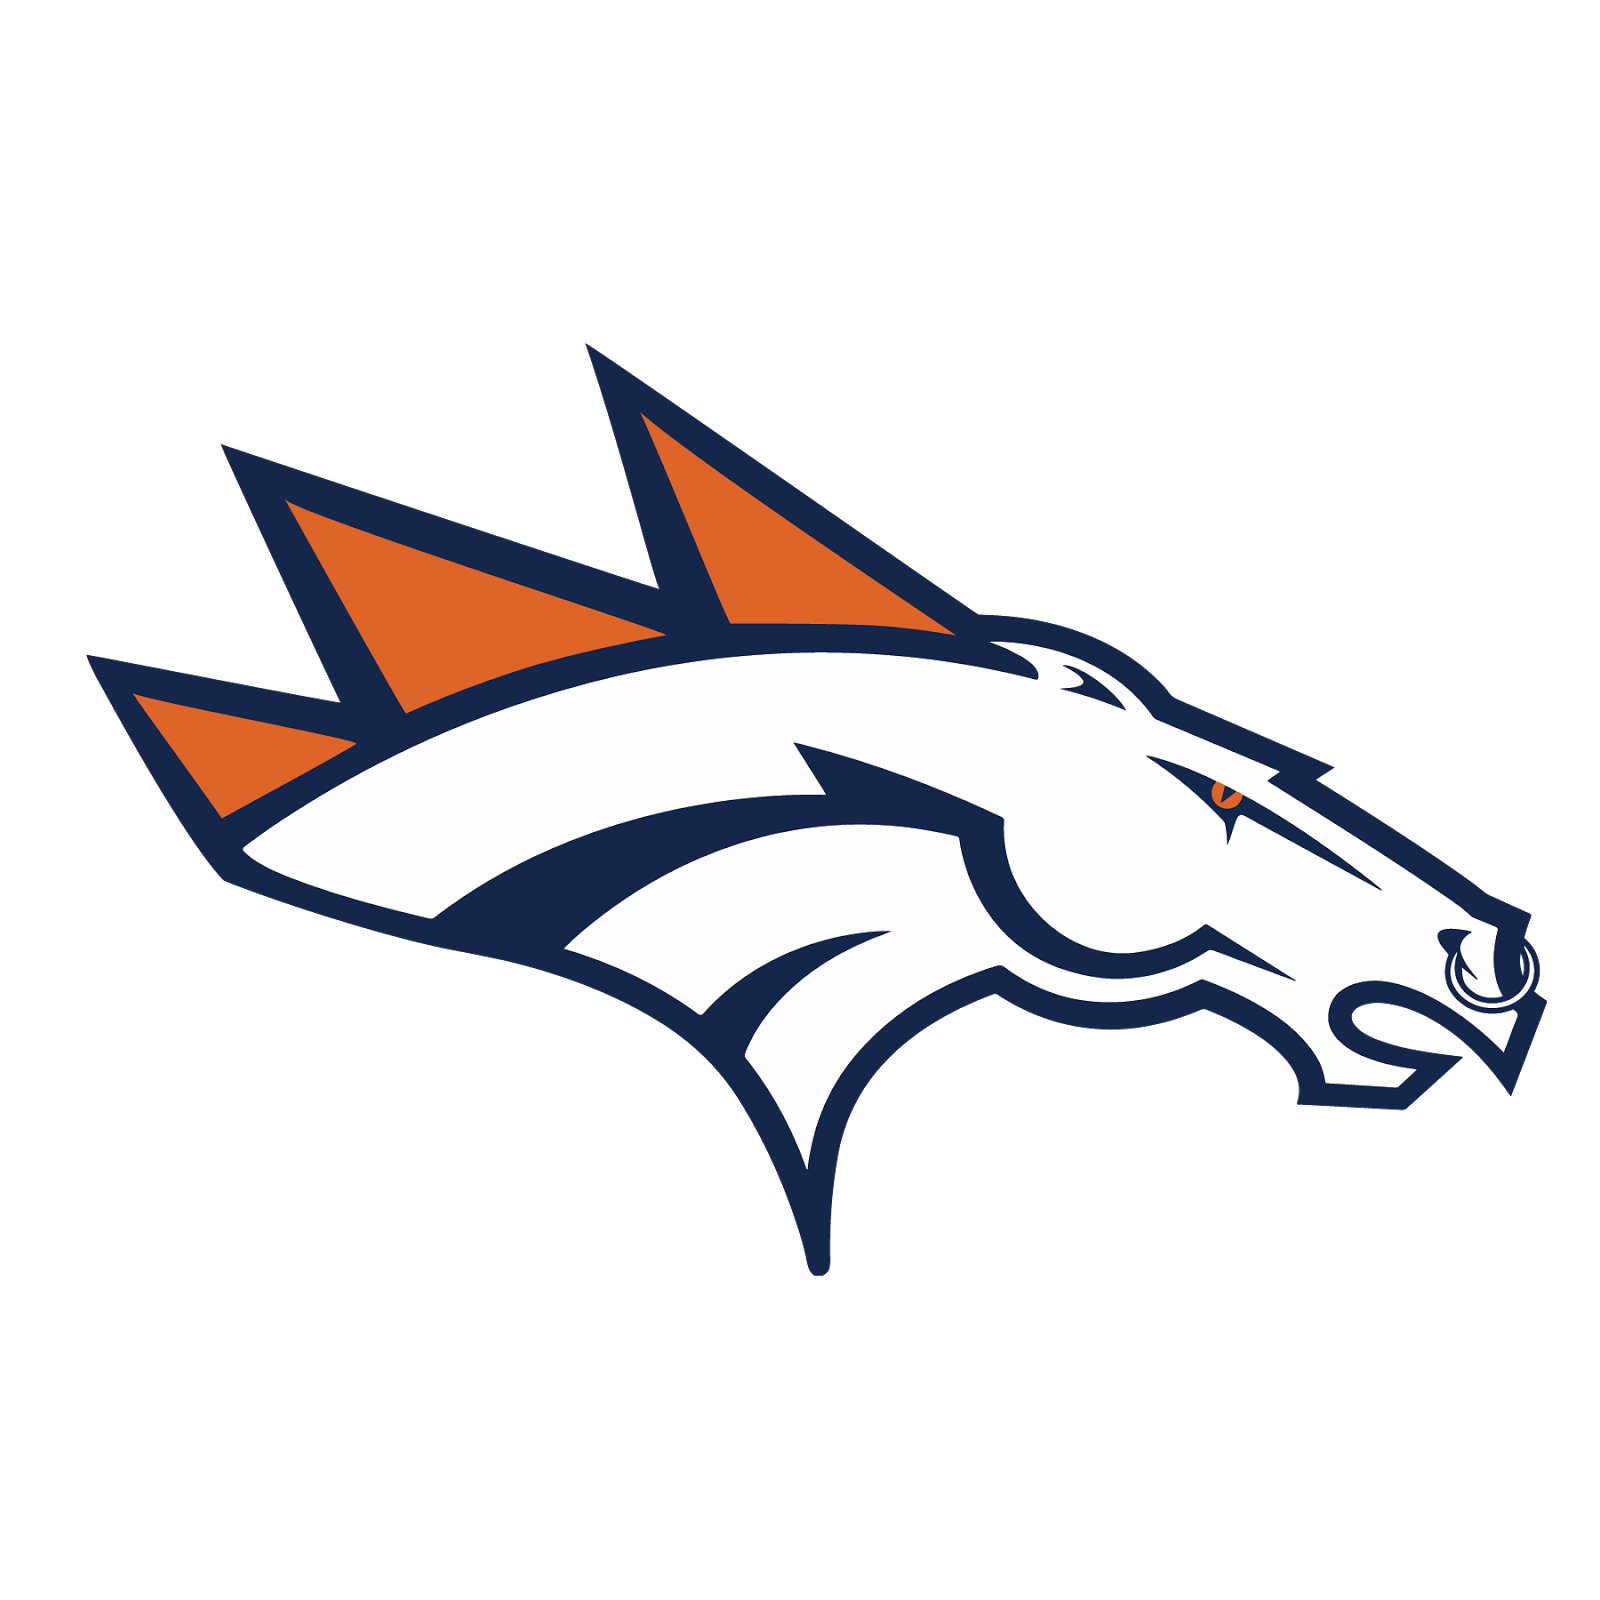 Denver Broncos Png - Denver Broncos, Transparent background PNG HD thumbnail